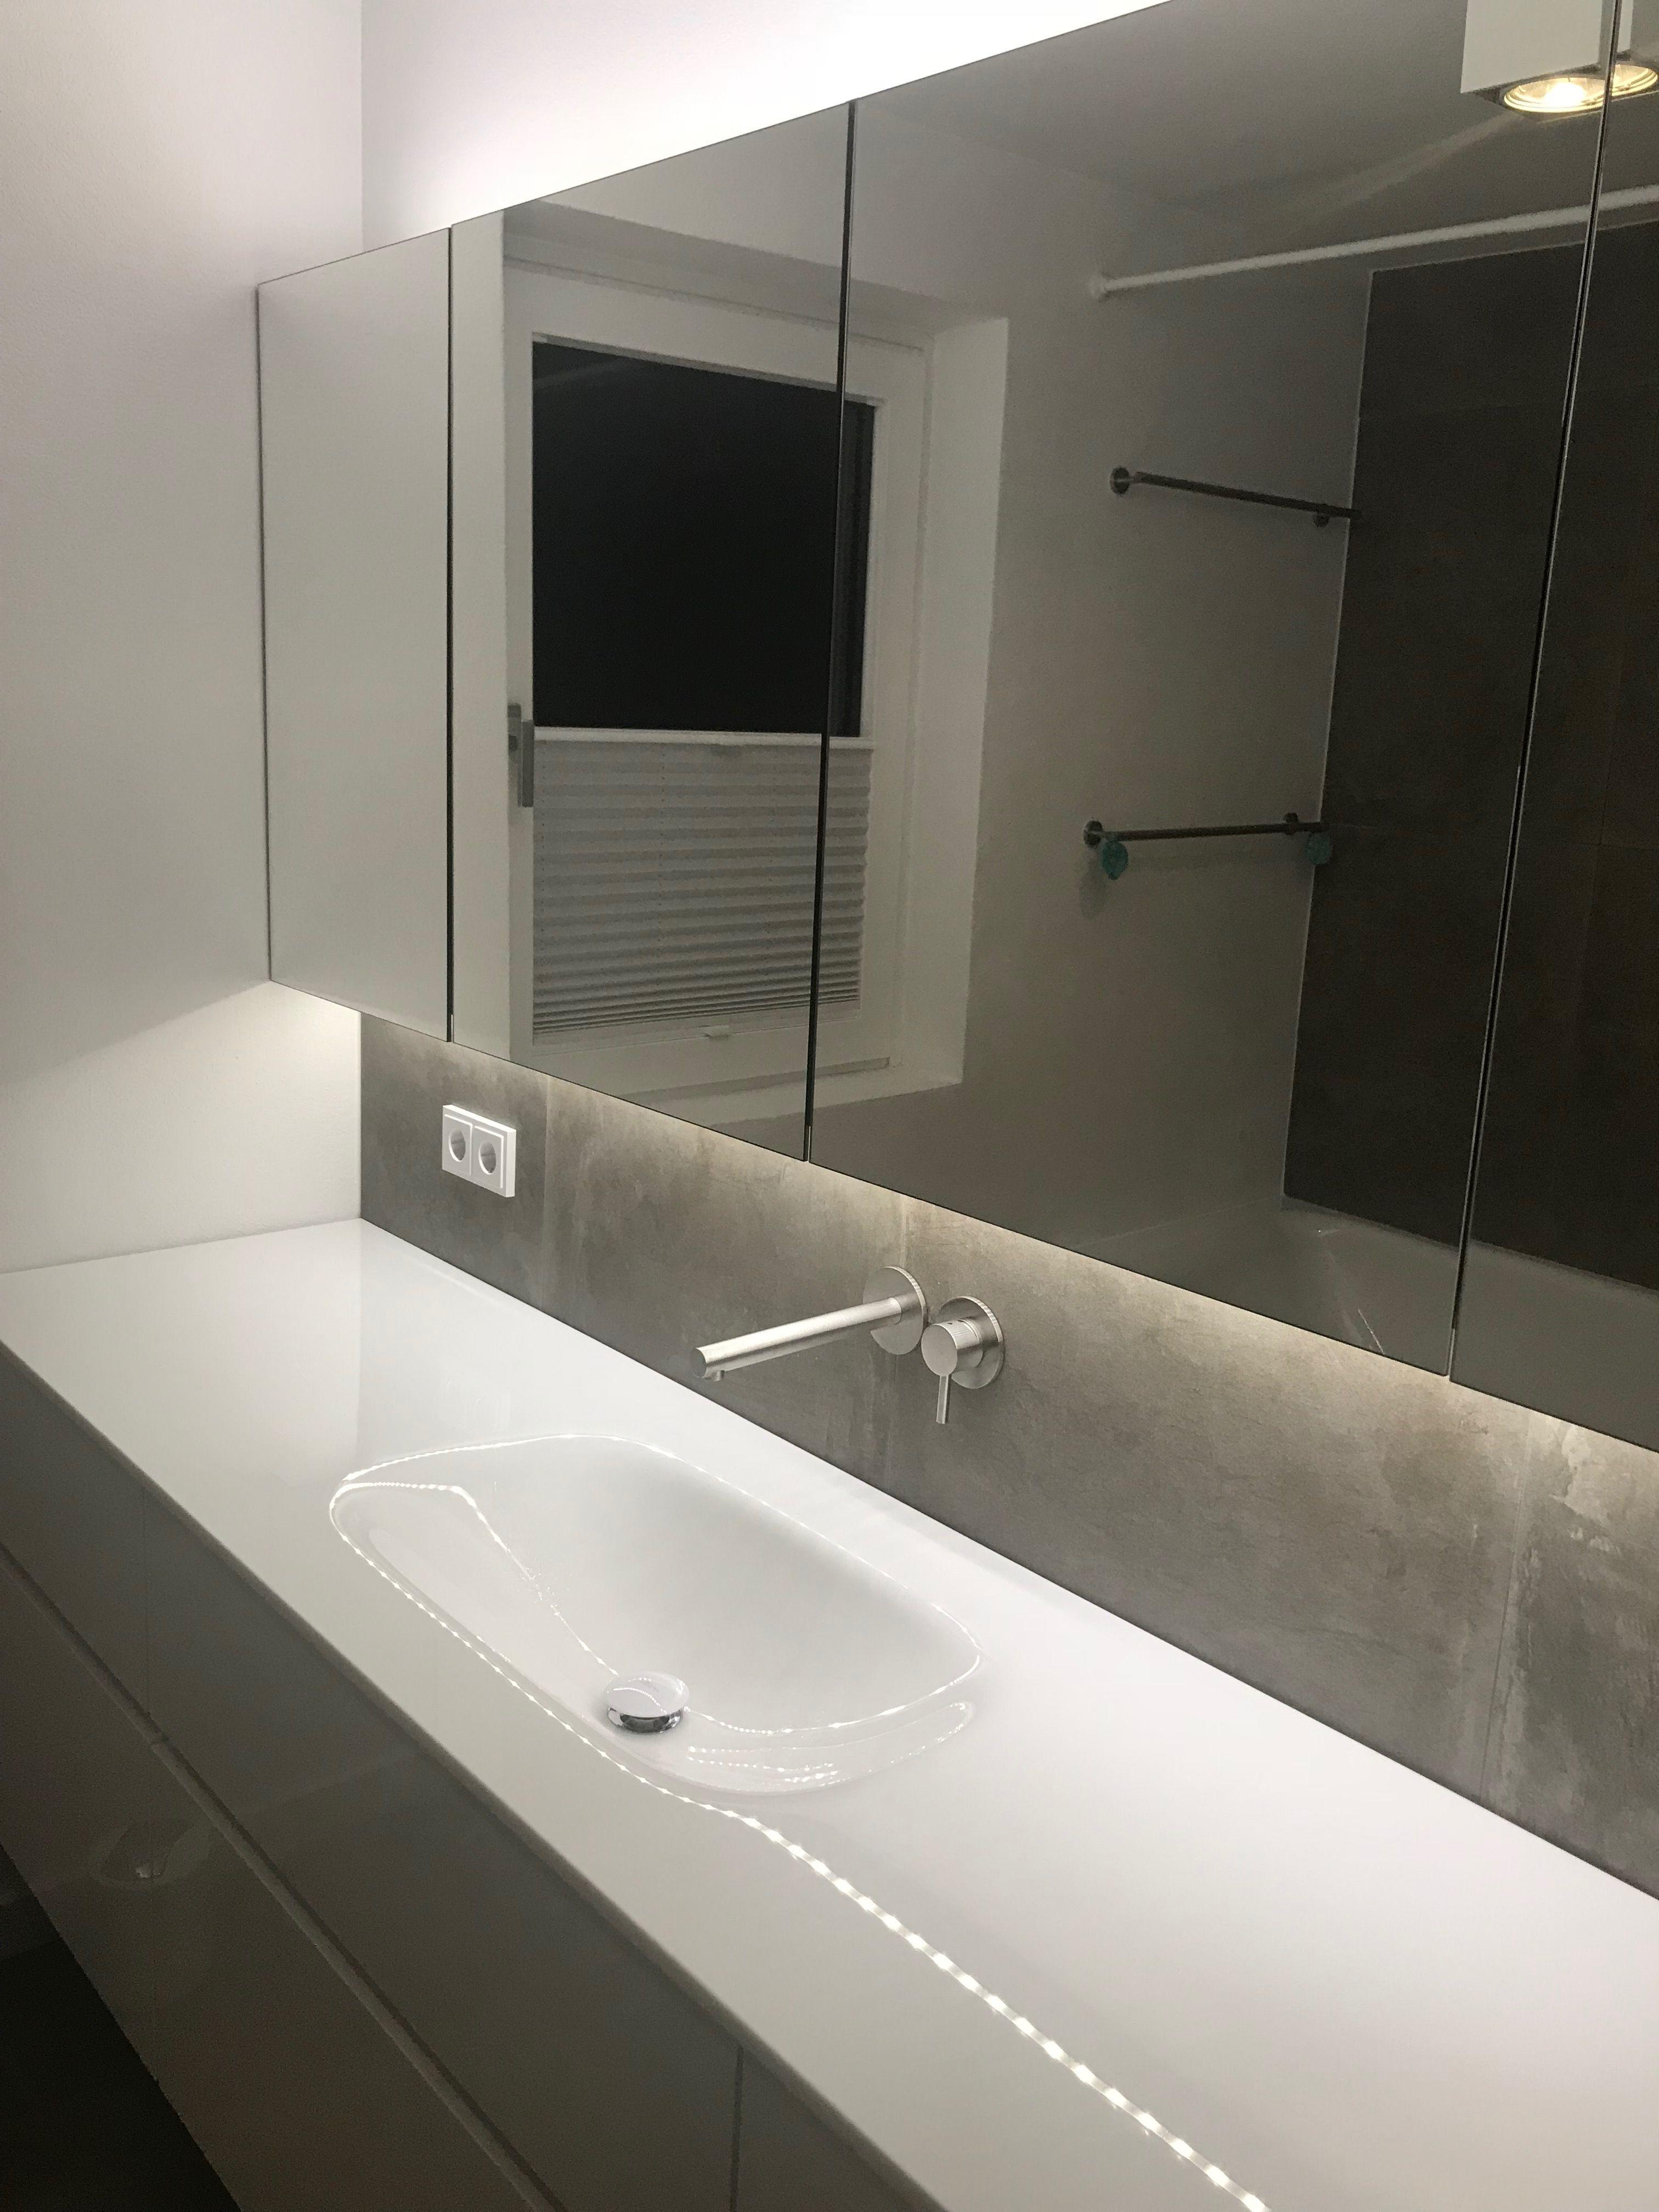 Inspirieren Lassen Auf Badezimmer Com Spiegelschrank Bad Badezimmer Spiegelschrank Spiegelschrank Beleuchtung